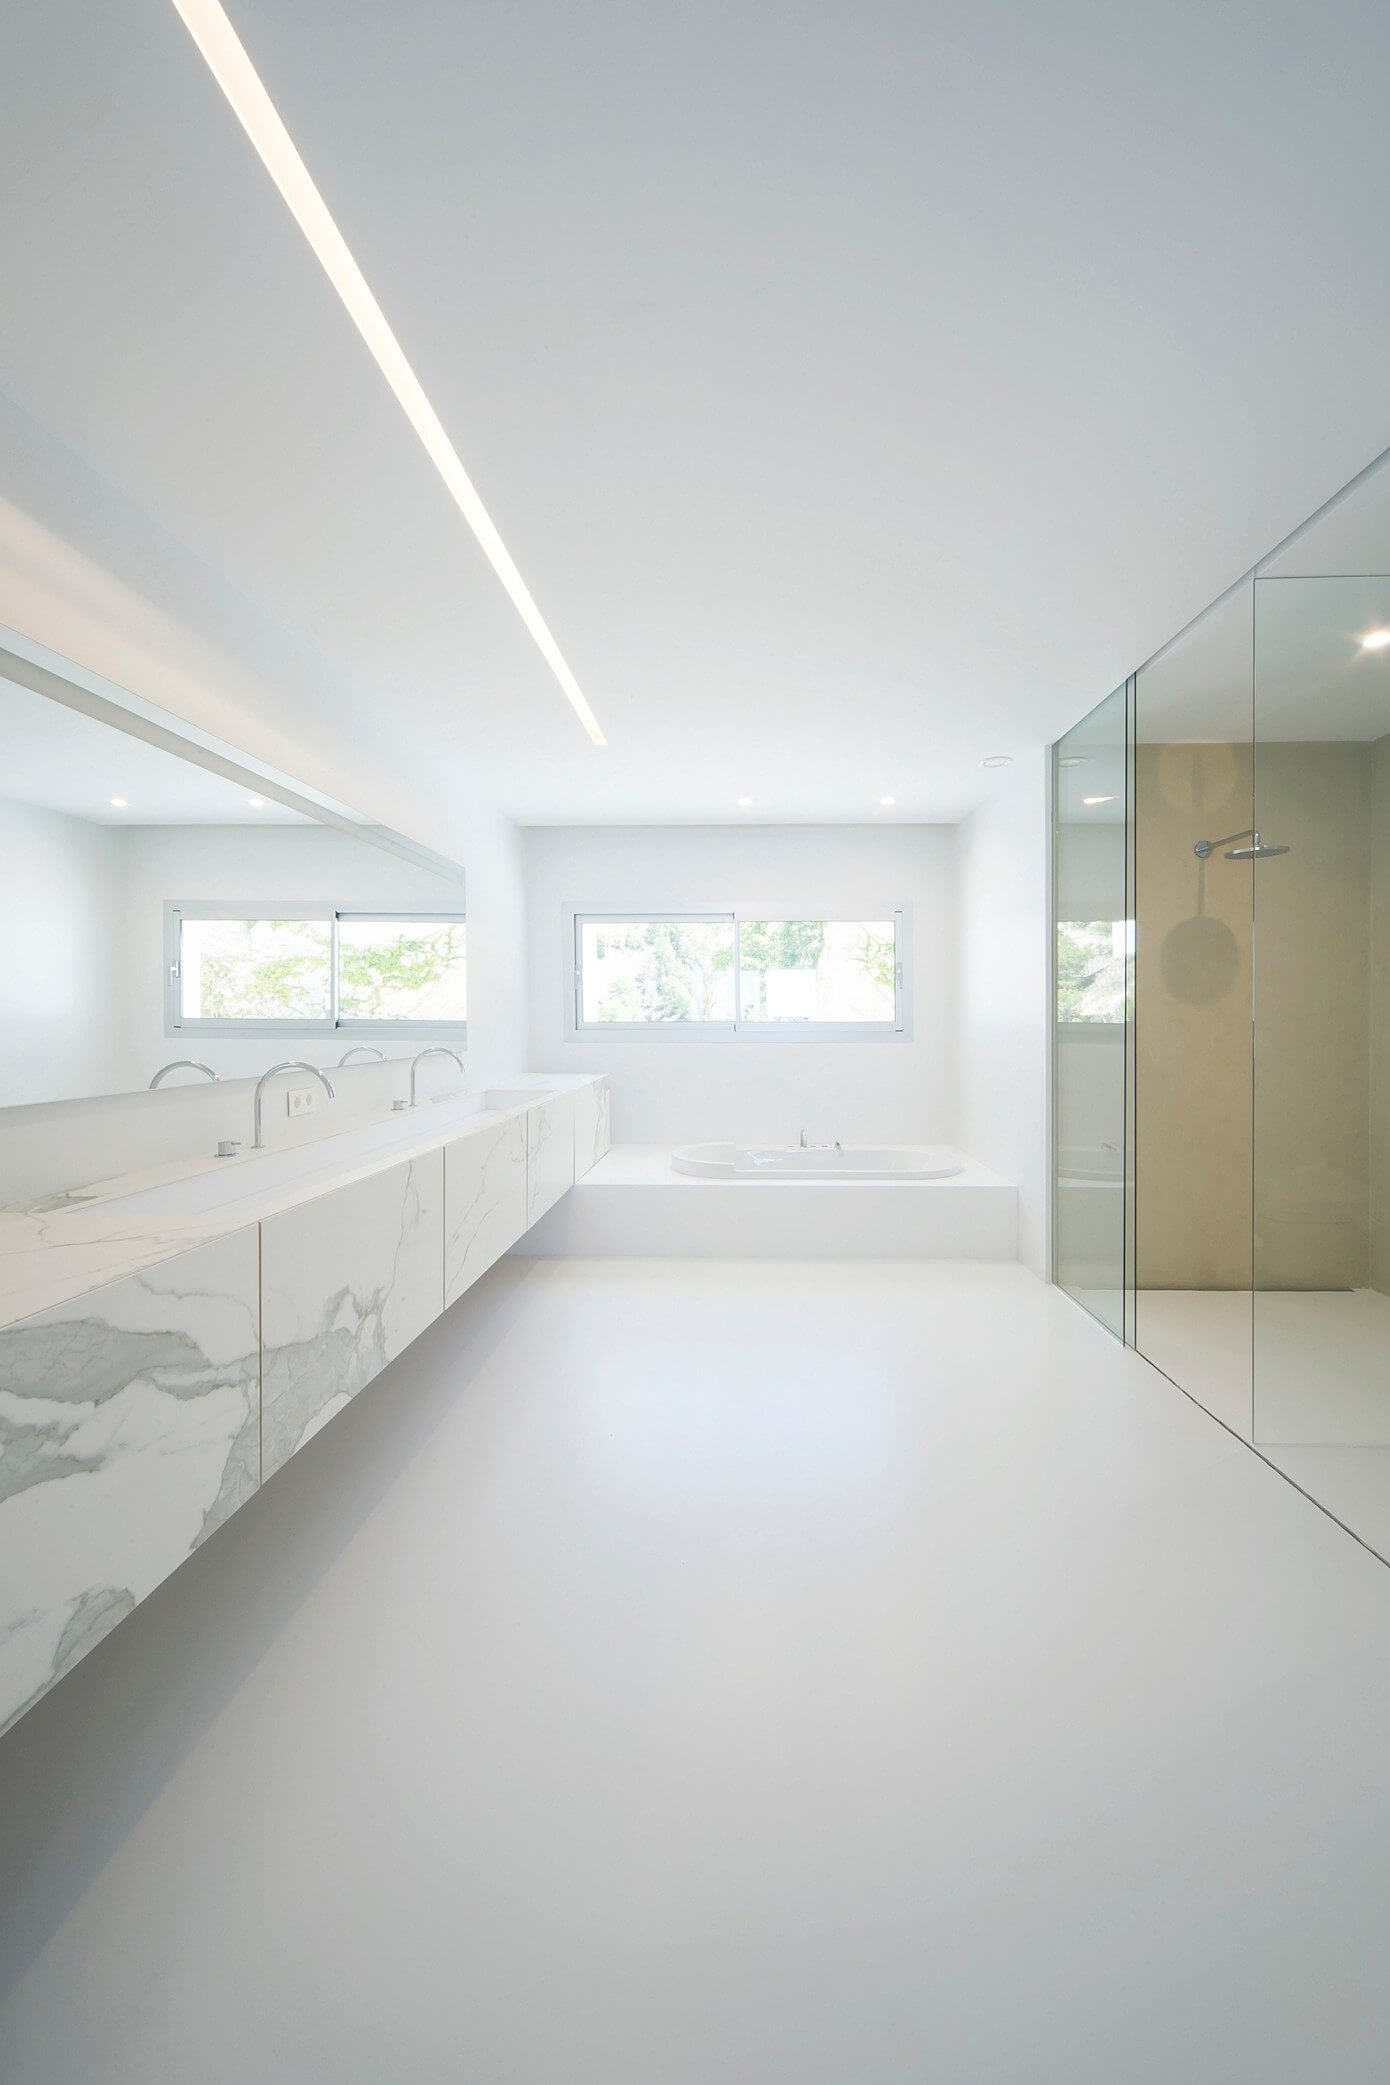 Deze luxe minimalistische badkamer moet je zien interieur inrichting - Badkamer scheiding ...